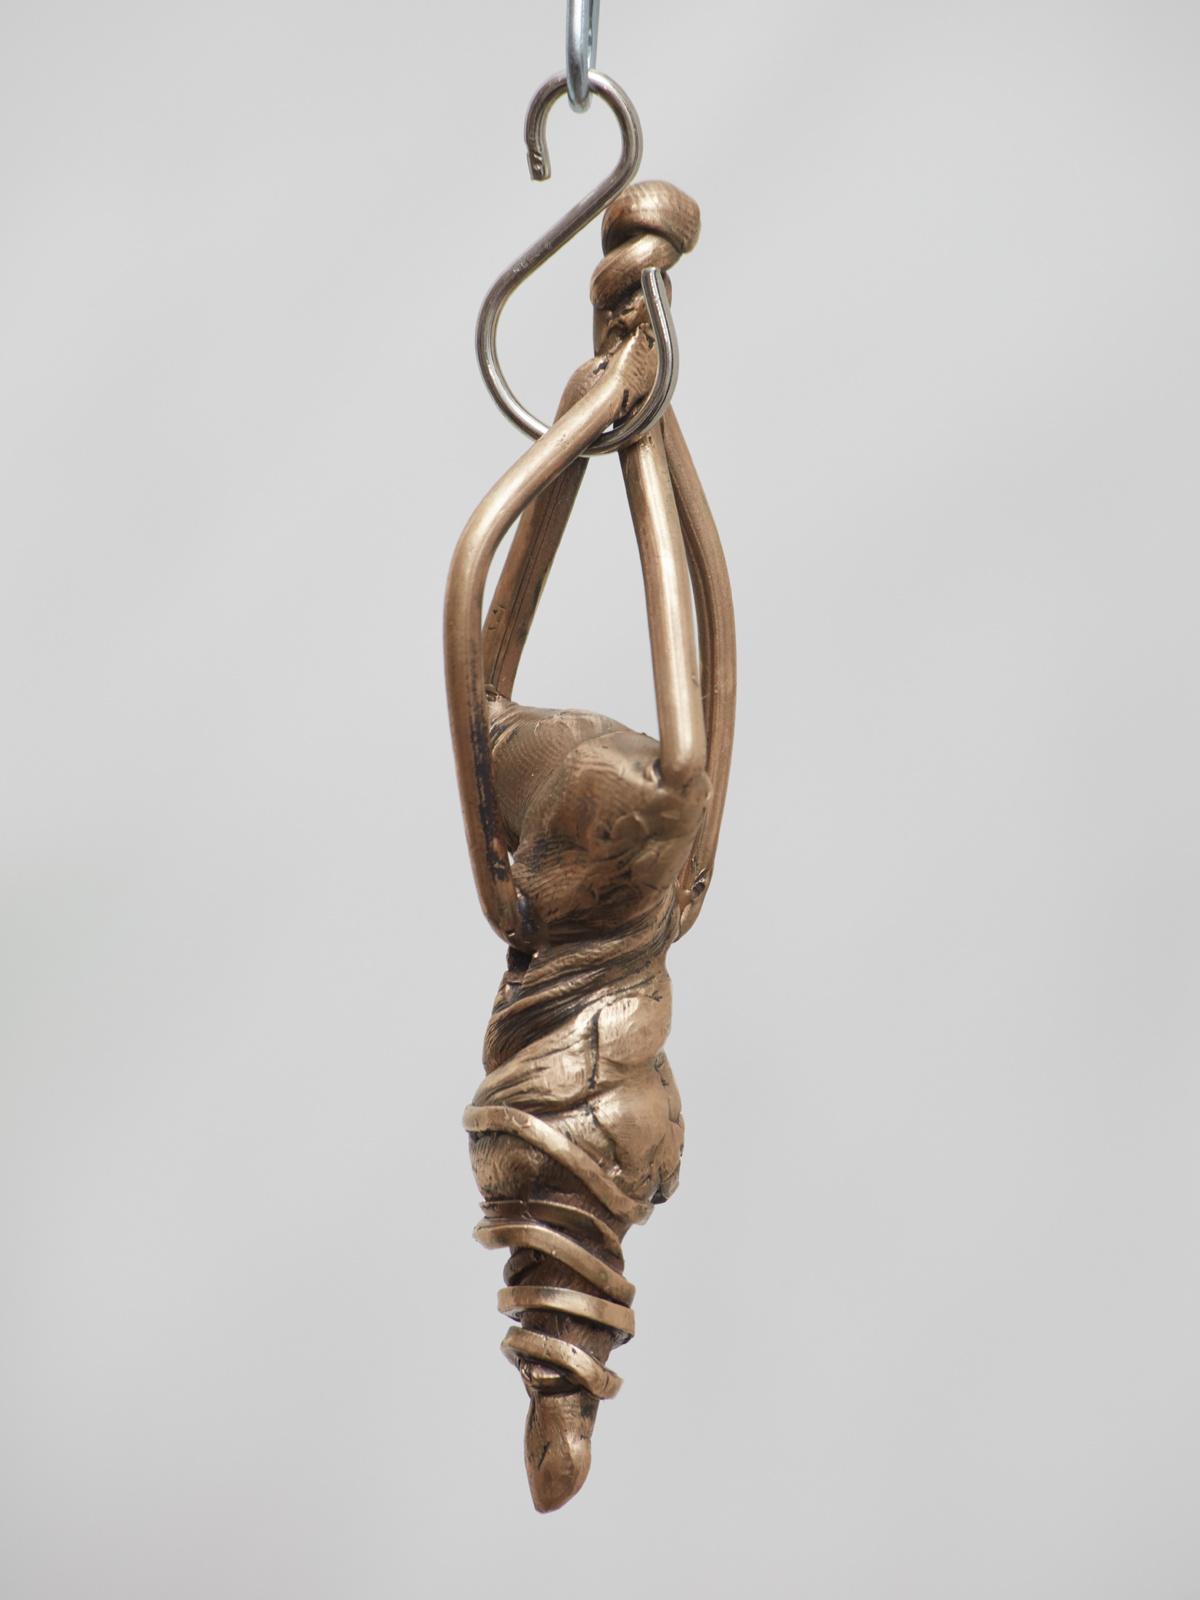 Jaakko Pallasvuo, Pendant II, 2016, Bronze, 4 x 1 x 1 in, 9 x 3 x 2 cm